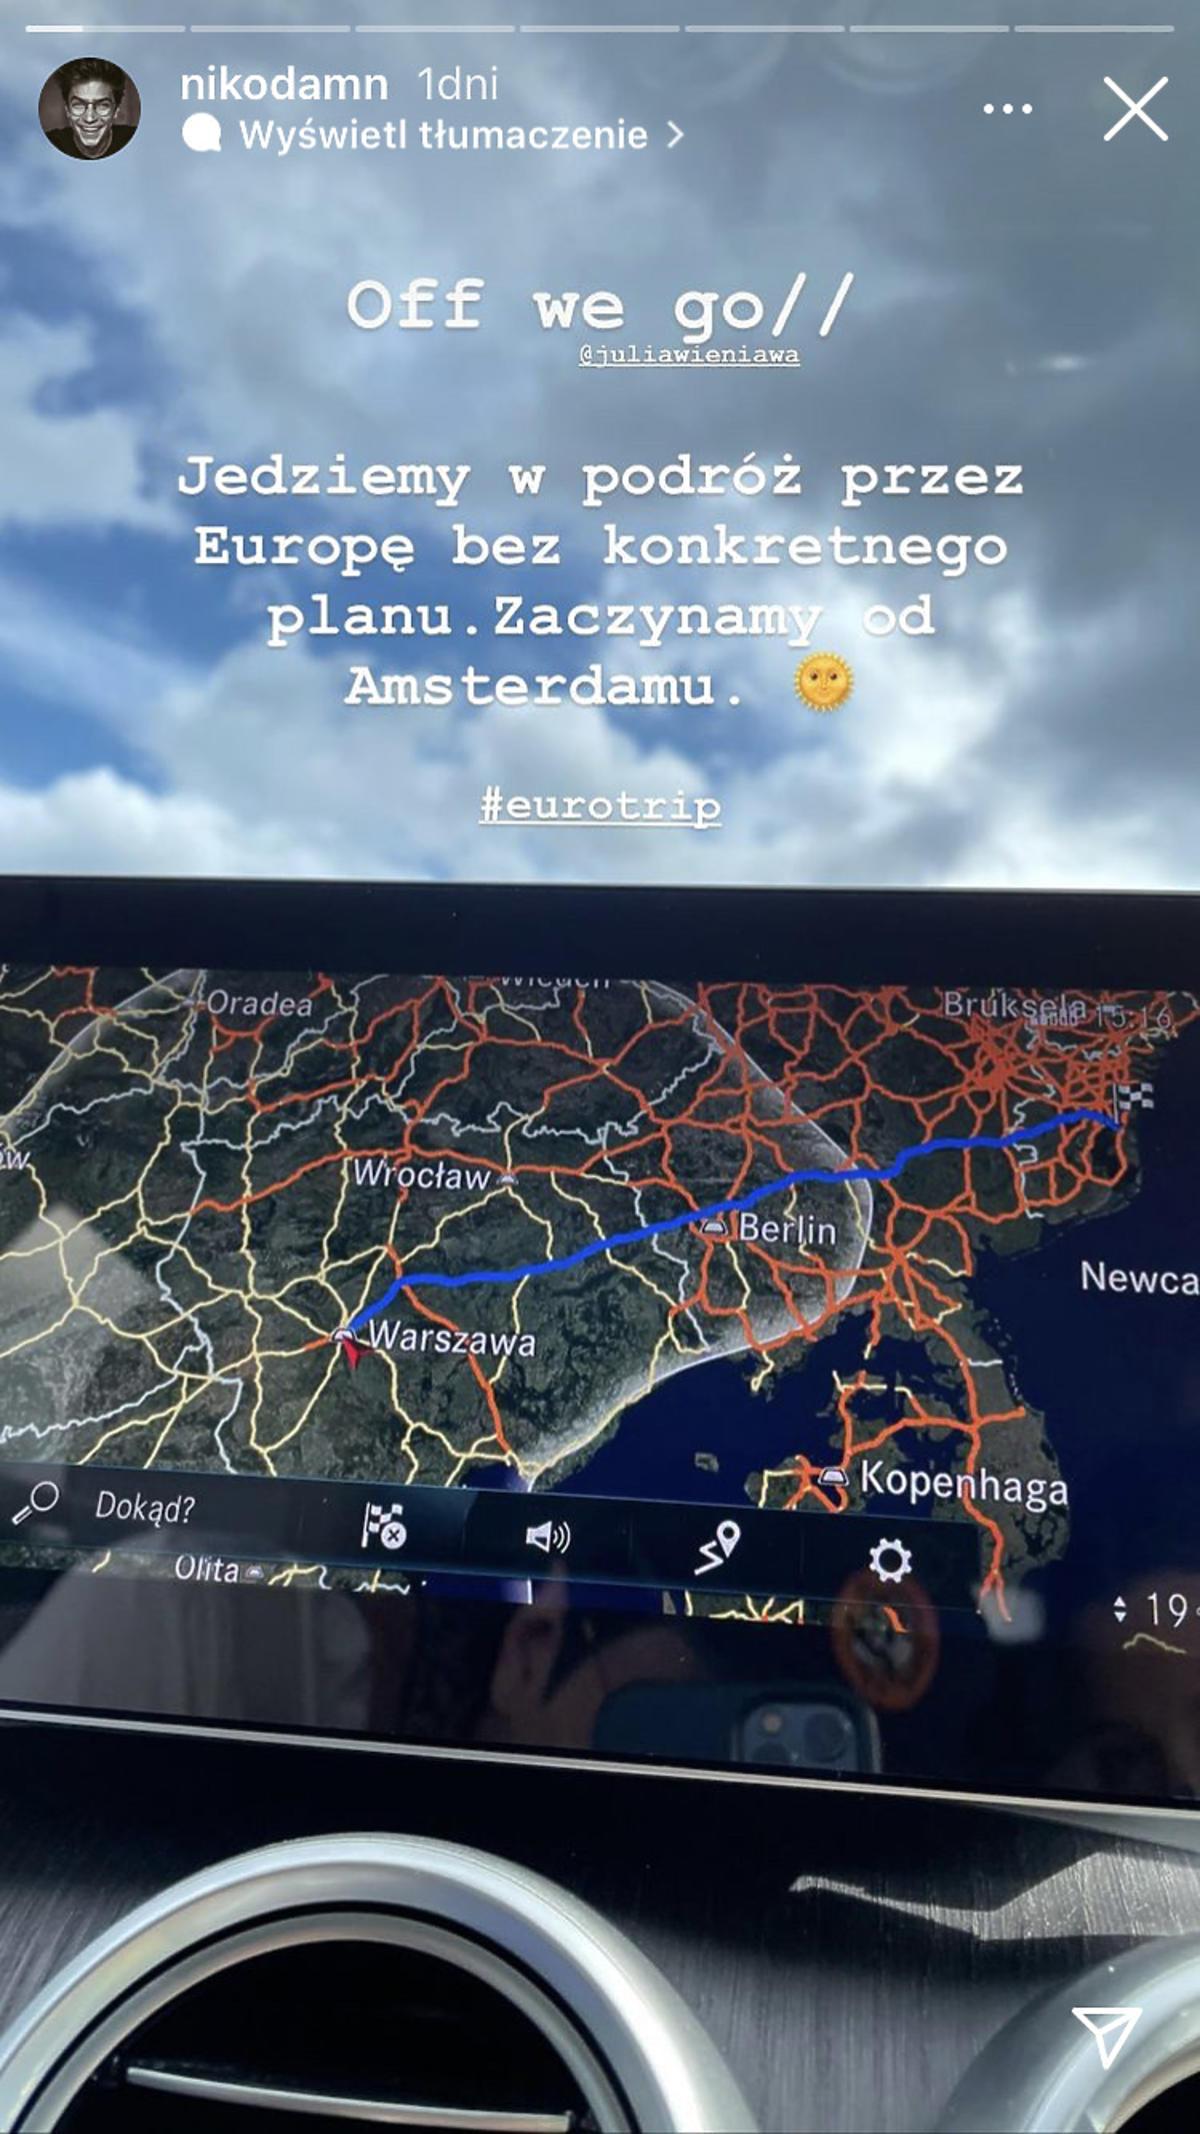 Wieniawa i Rozbicki jadą w podróż dookoła Europy